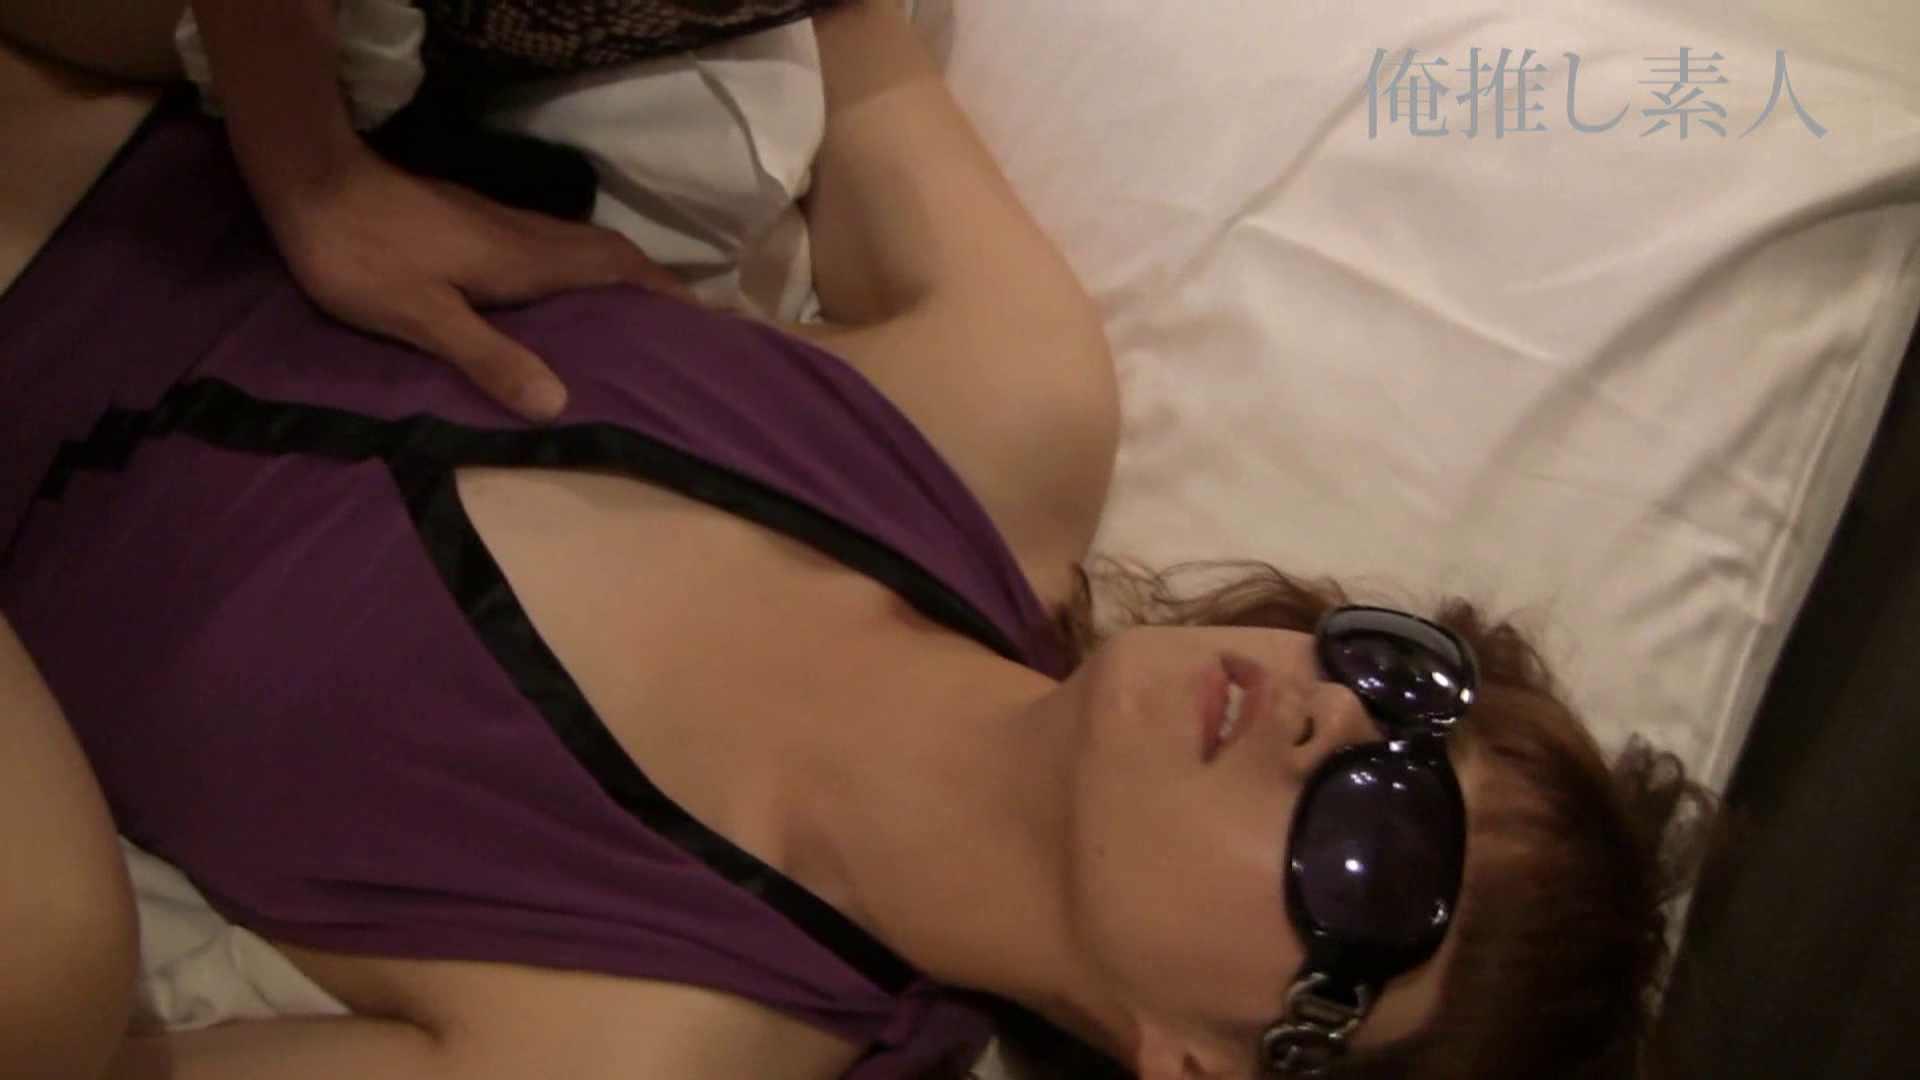 俺推し素人 キャバクラ嬢26歳久美vol2 独身エッチOL   綺麗なおっぱい  84pic 58